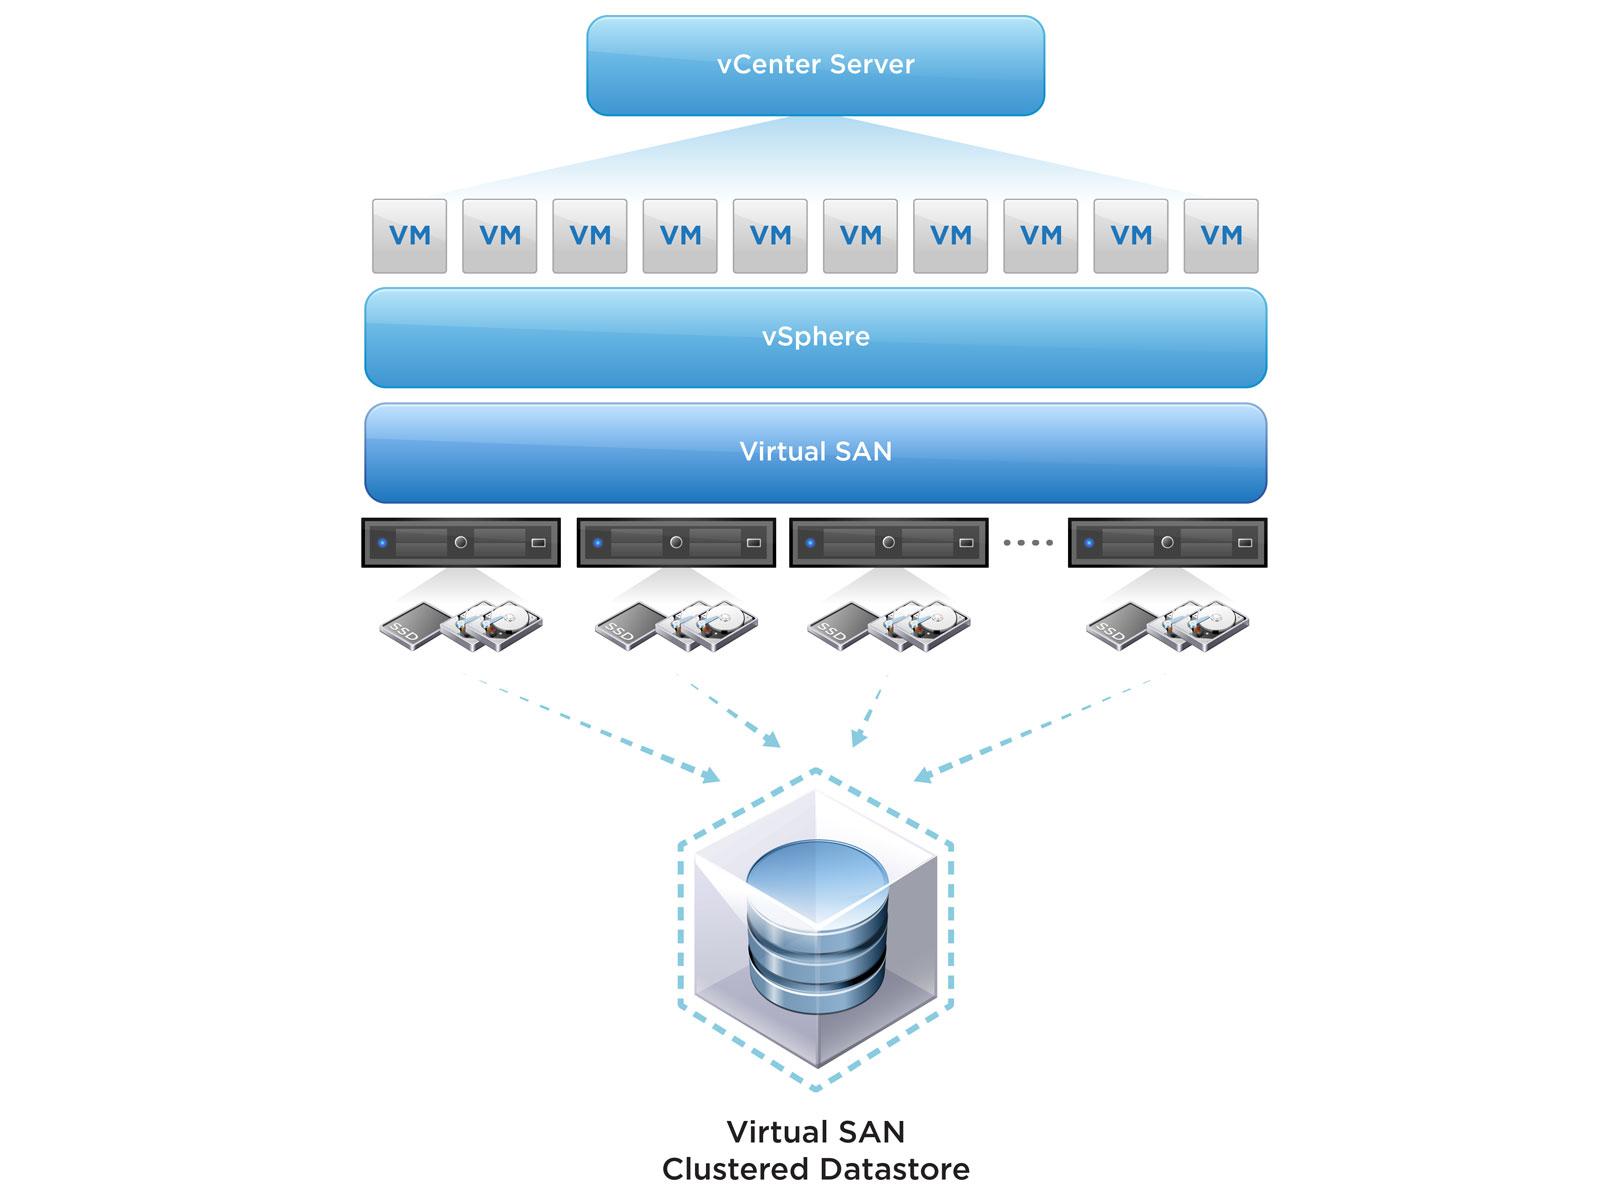 Virtual SAN